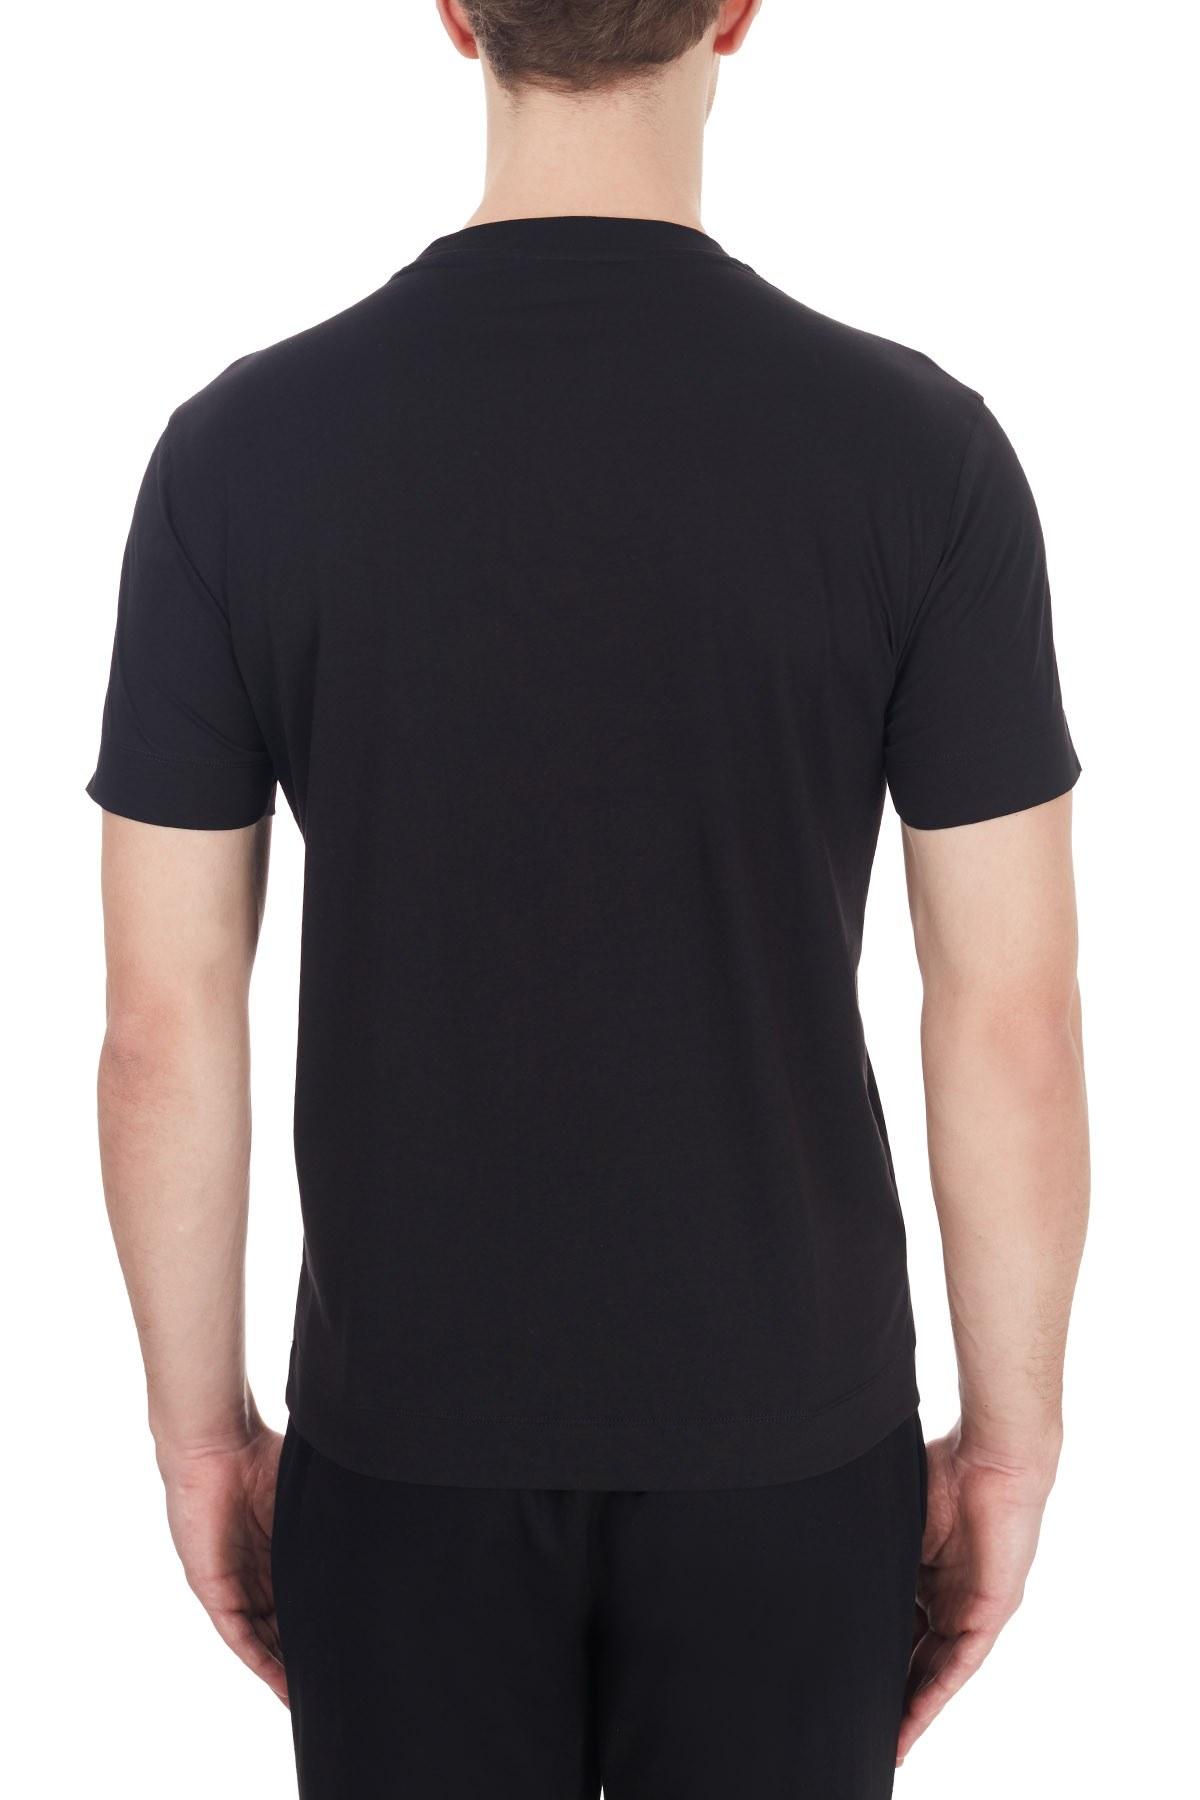 Emporio Armani Erkek T Shirt 6H1TA3 1JDXZ 0014 SİYAH